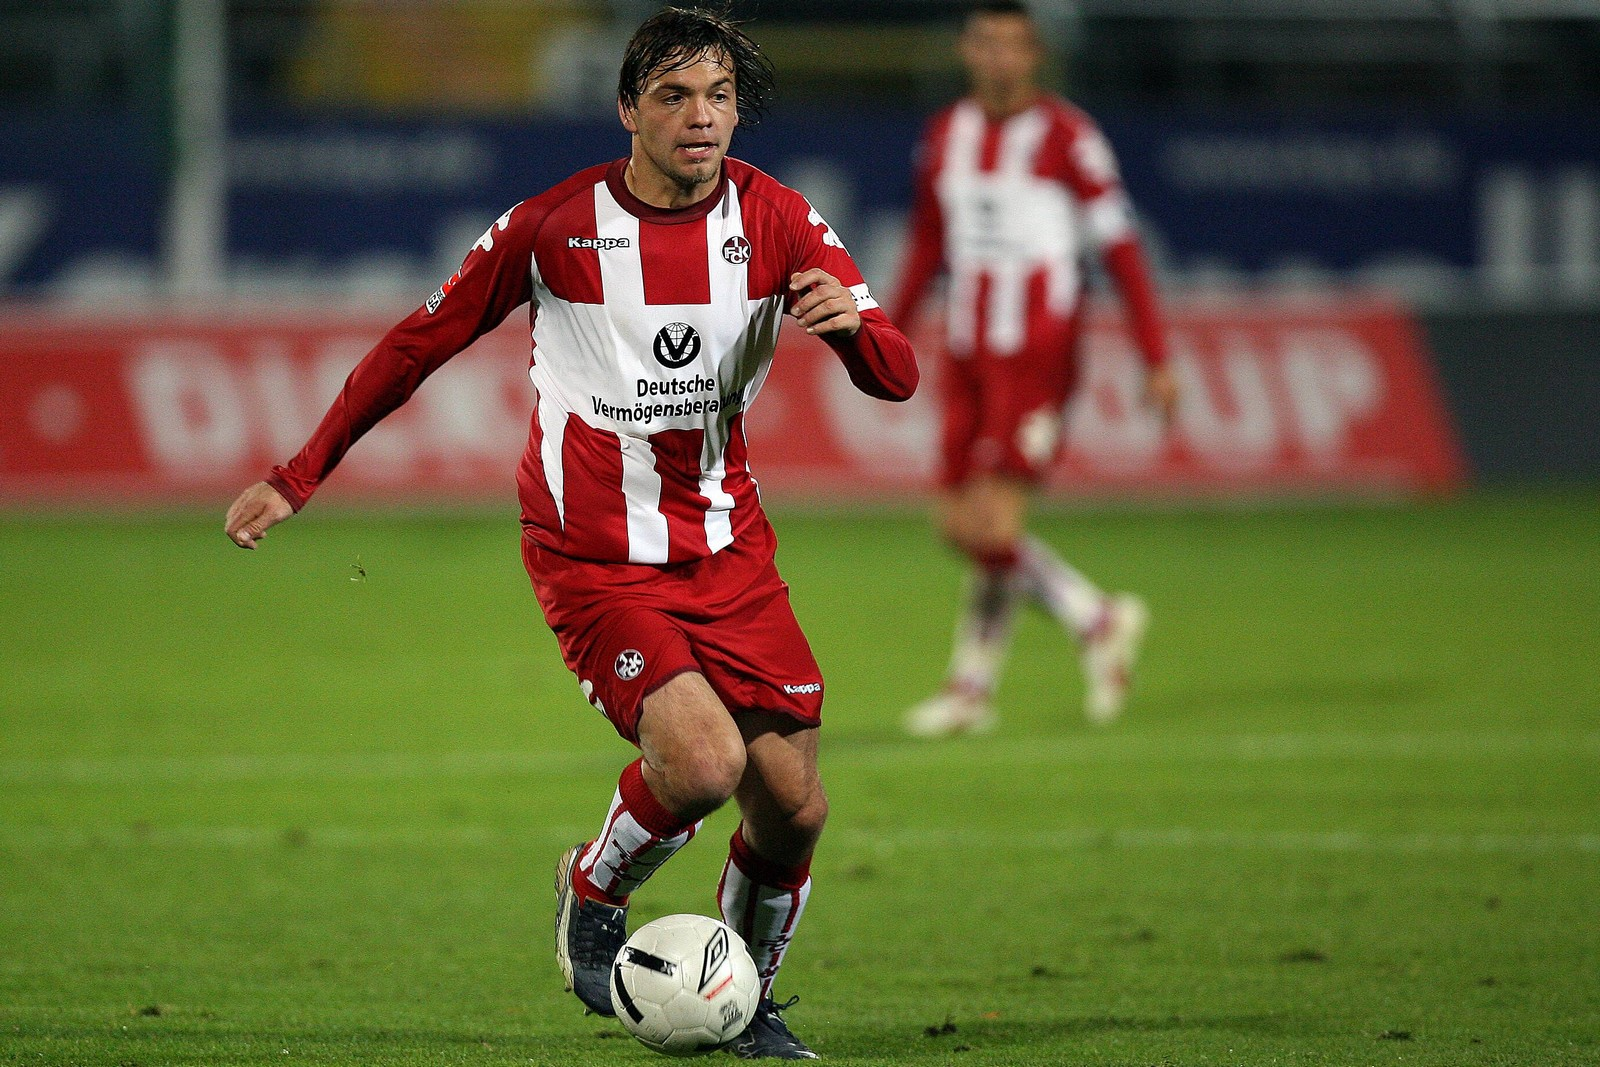 Sven Müller im Trikot des 1. FC Kaiserslautern